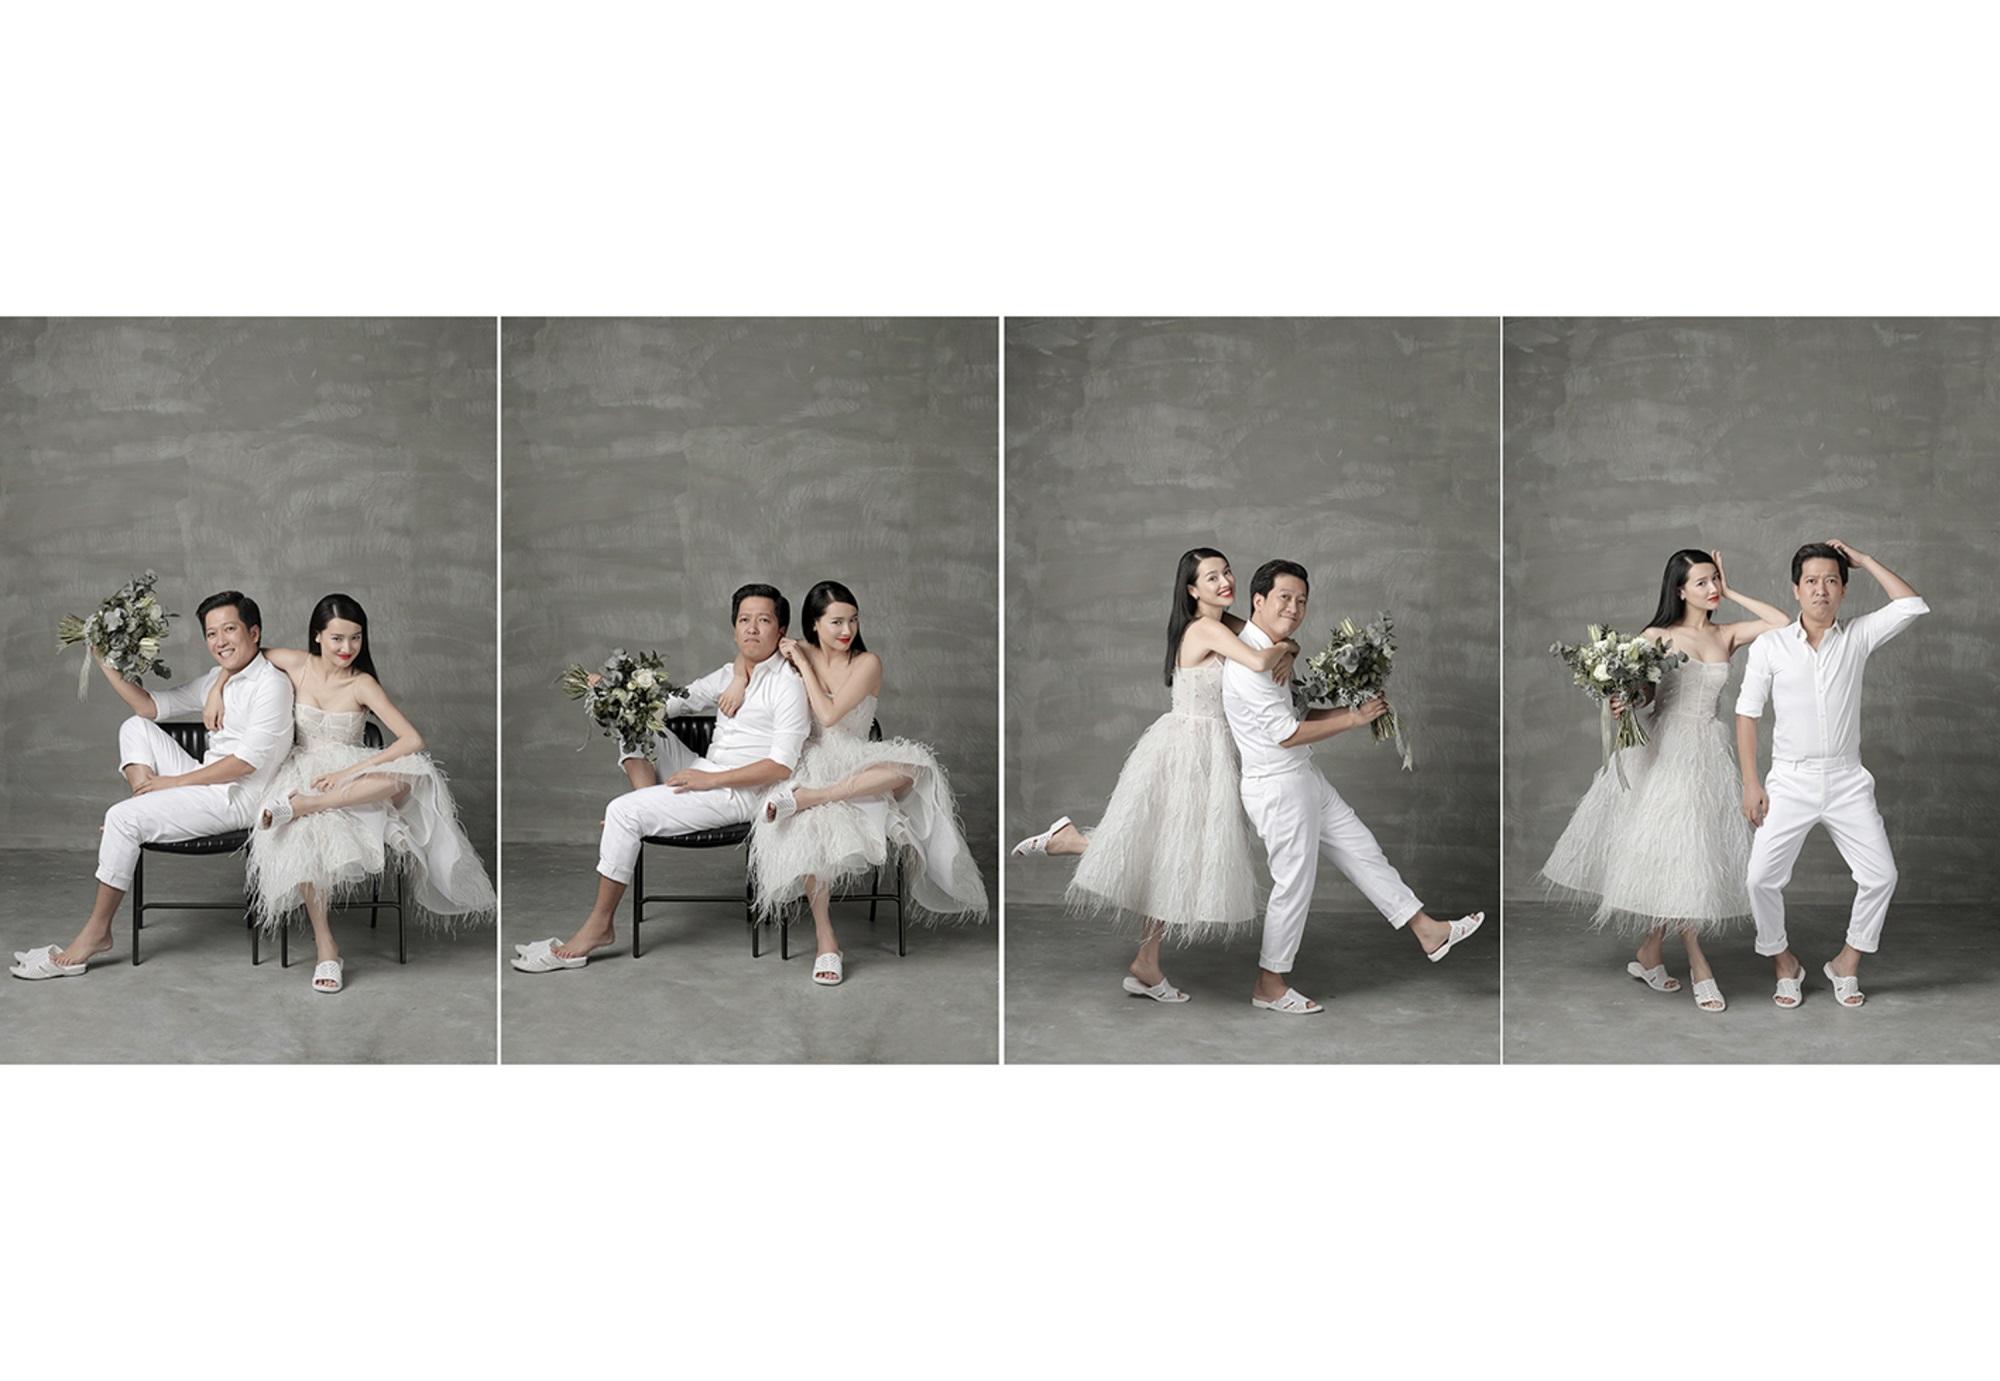 'Rụng tim' khi ngắm trọn bộ ảnh cưới đẹp như tranh vẽ của Trường Giang - Nhã Phương - Ảnh 12